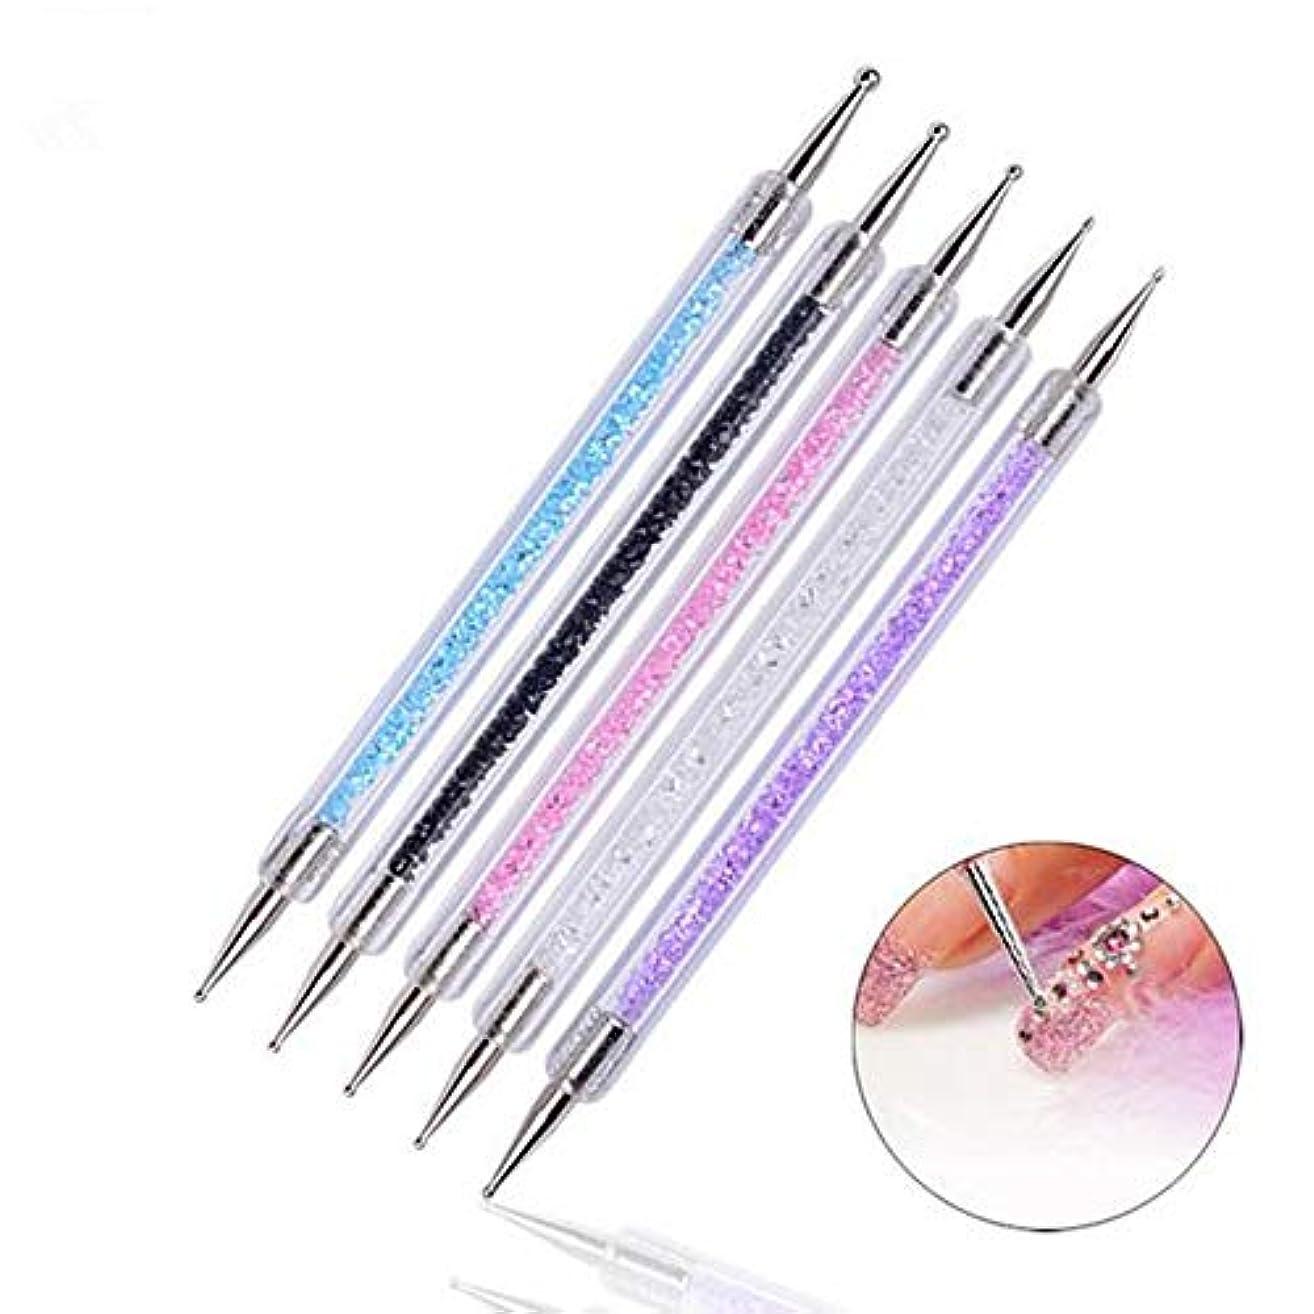 祝う願望軽減するKingsie ネイルアートペン ドッティングペン 5本セット ラインストーン ドットペン ネイルデザイン マニキュアツール